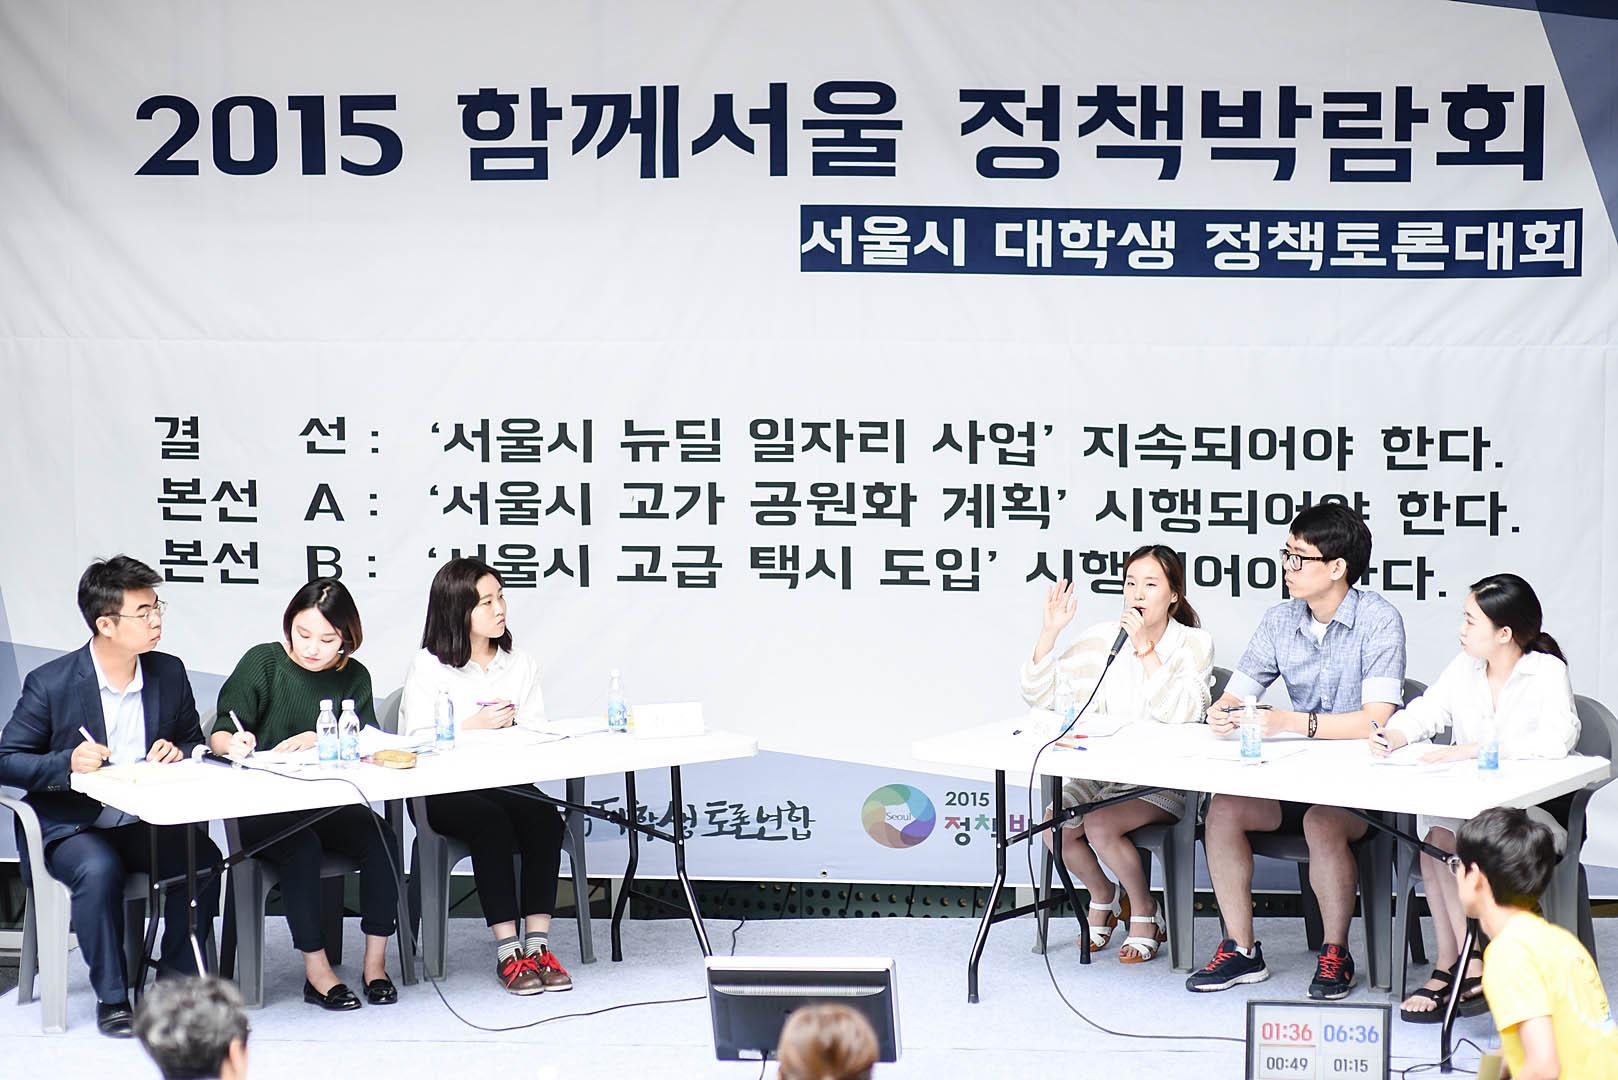 지난 9월 12일 서울정책박람회에서 열린 서울시대학생토론의 한 장면.